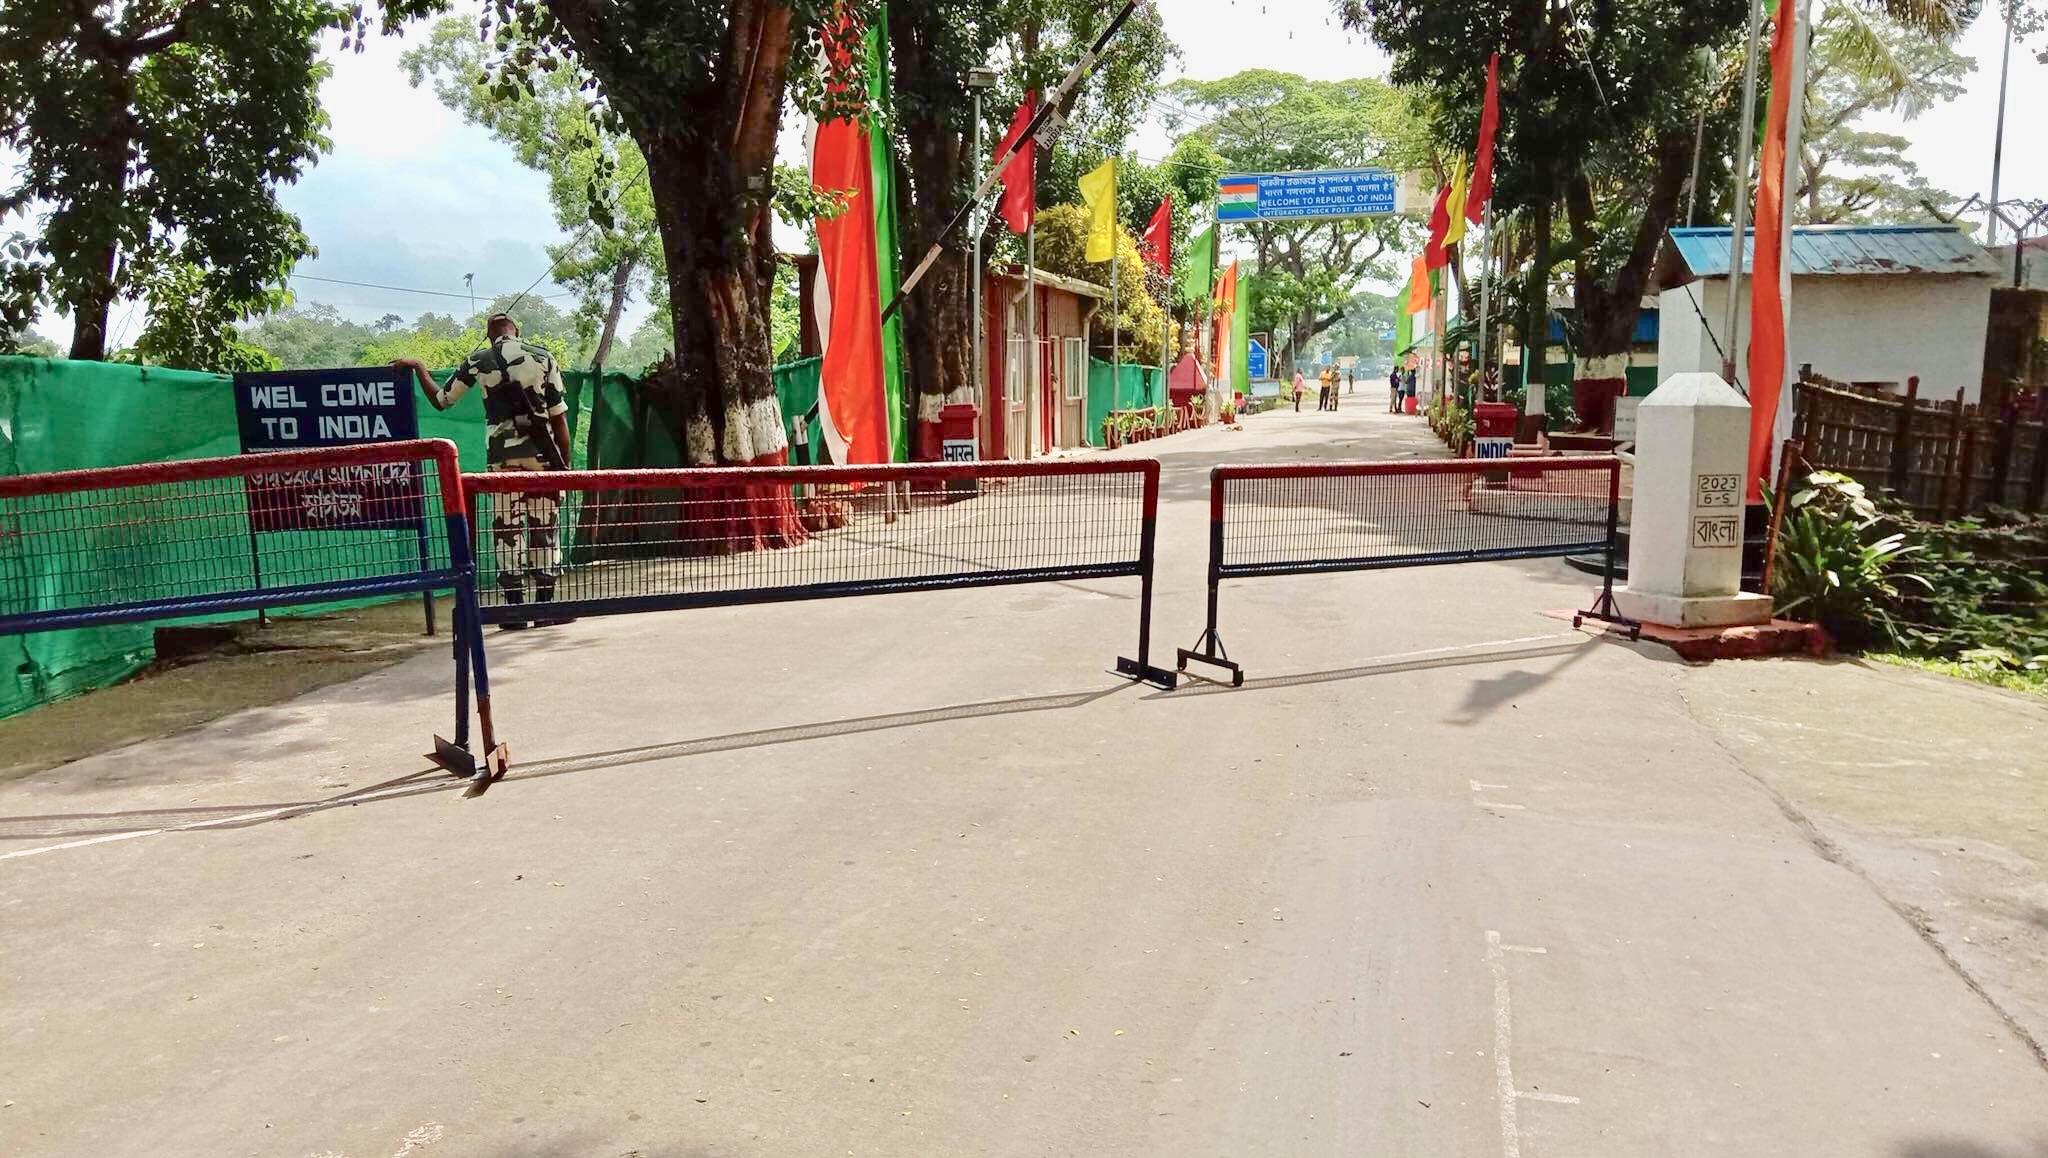 ভারতে 'জনতা কারফিউ' আখাউড়া স্থলবন্দরে আমদানি-রফতানি বাণিজ্য বন্ধ